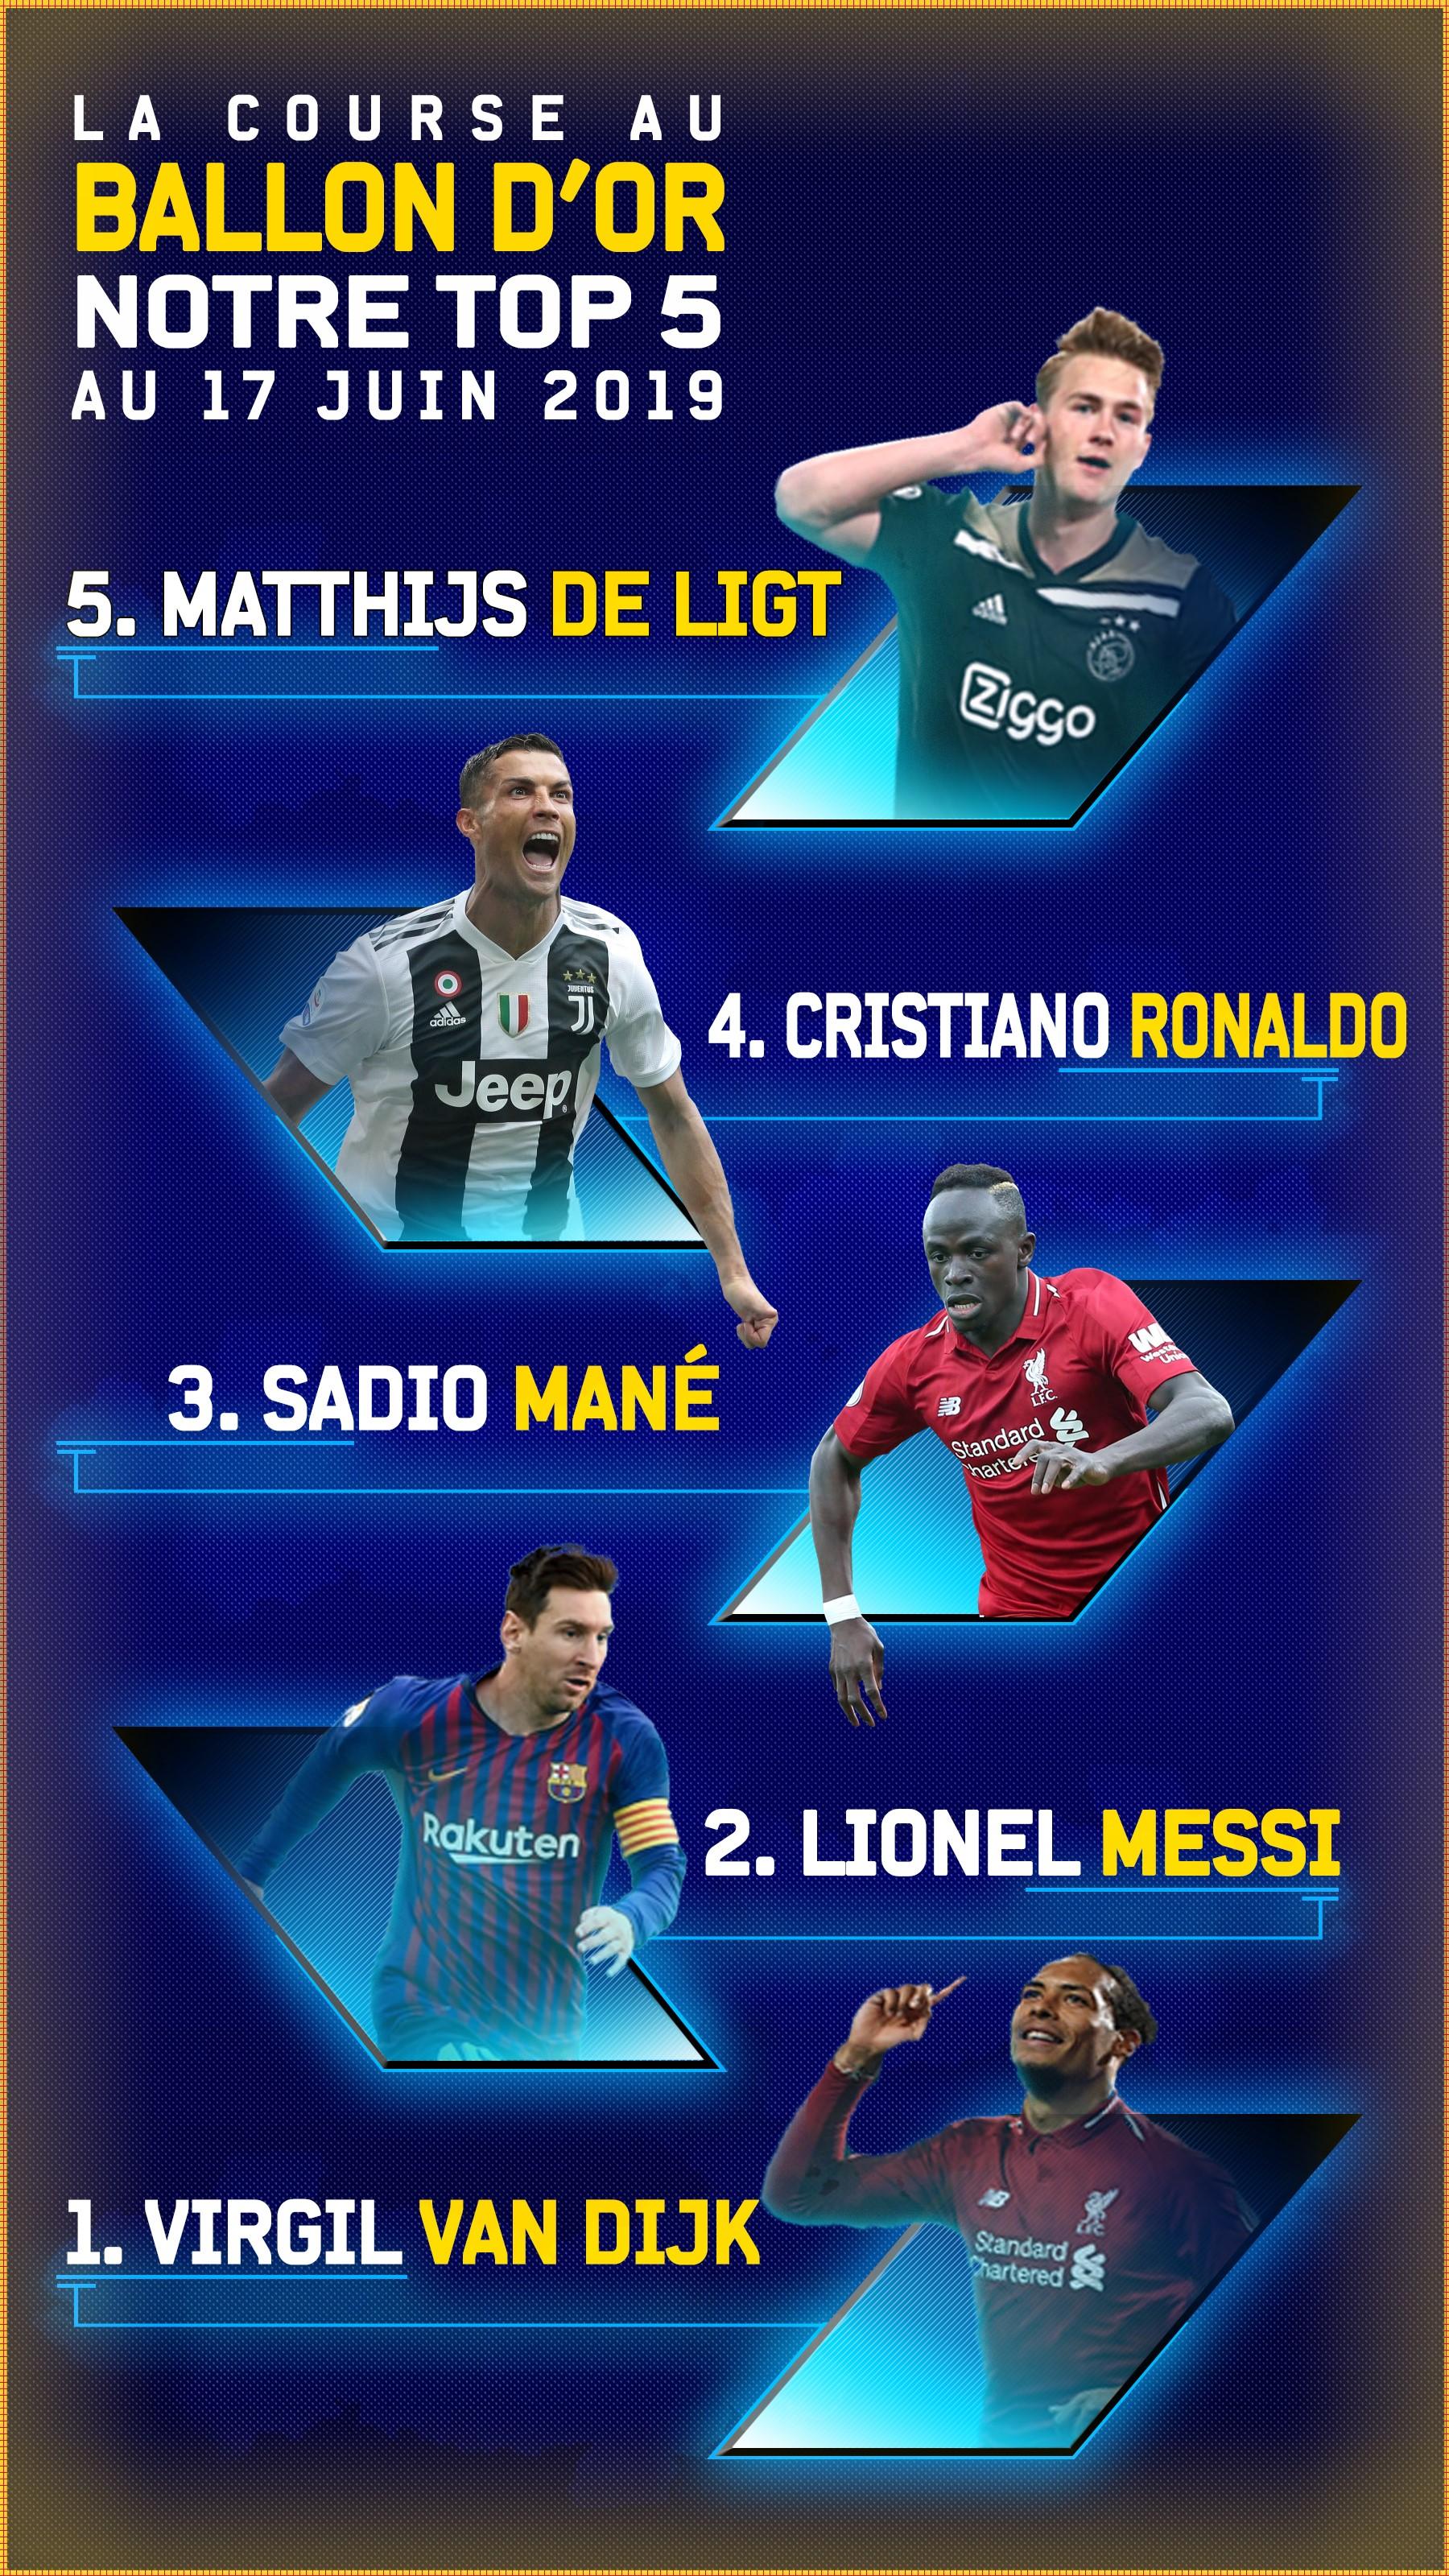 Notre Top 5 du Ballon d'Or au 17 juin 2019